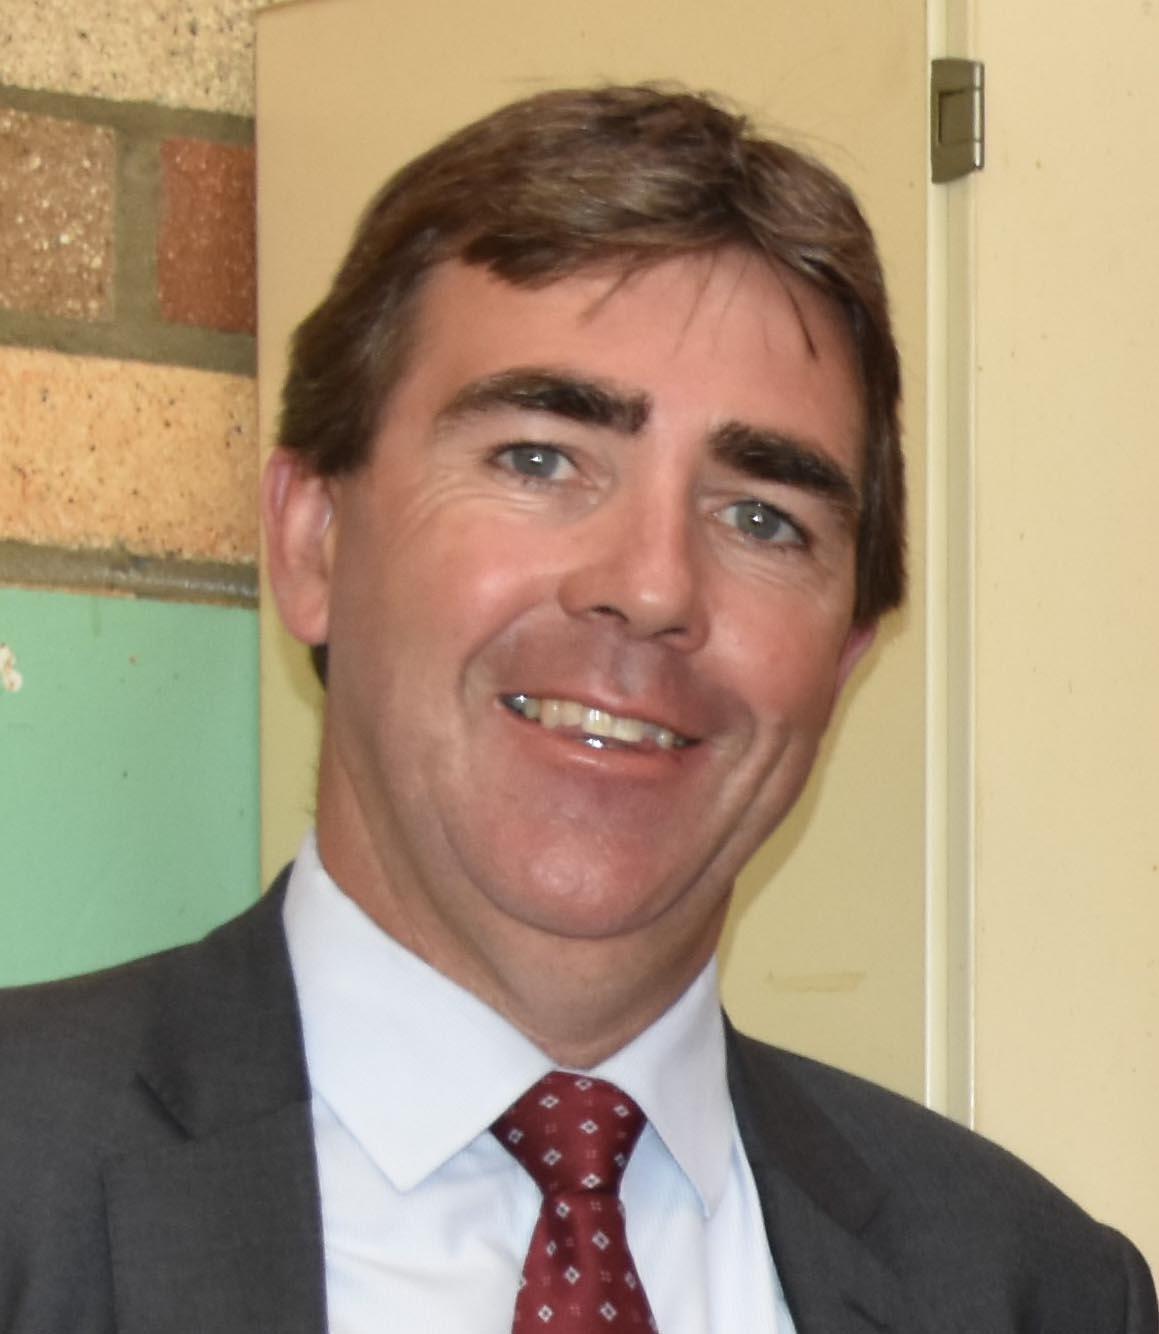 Murray Cox, Newling Public School